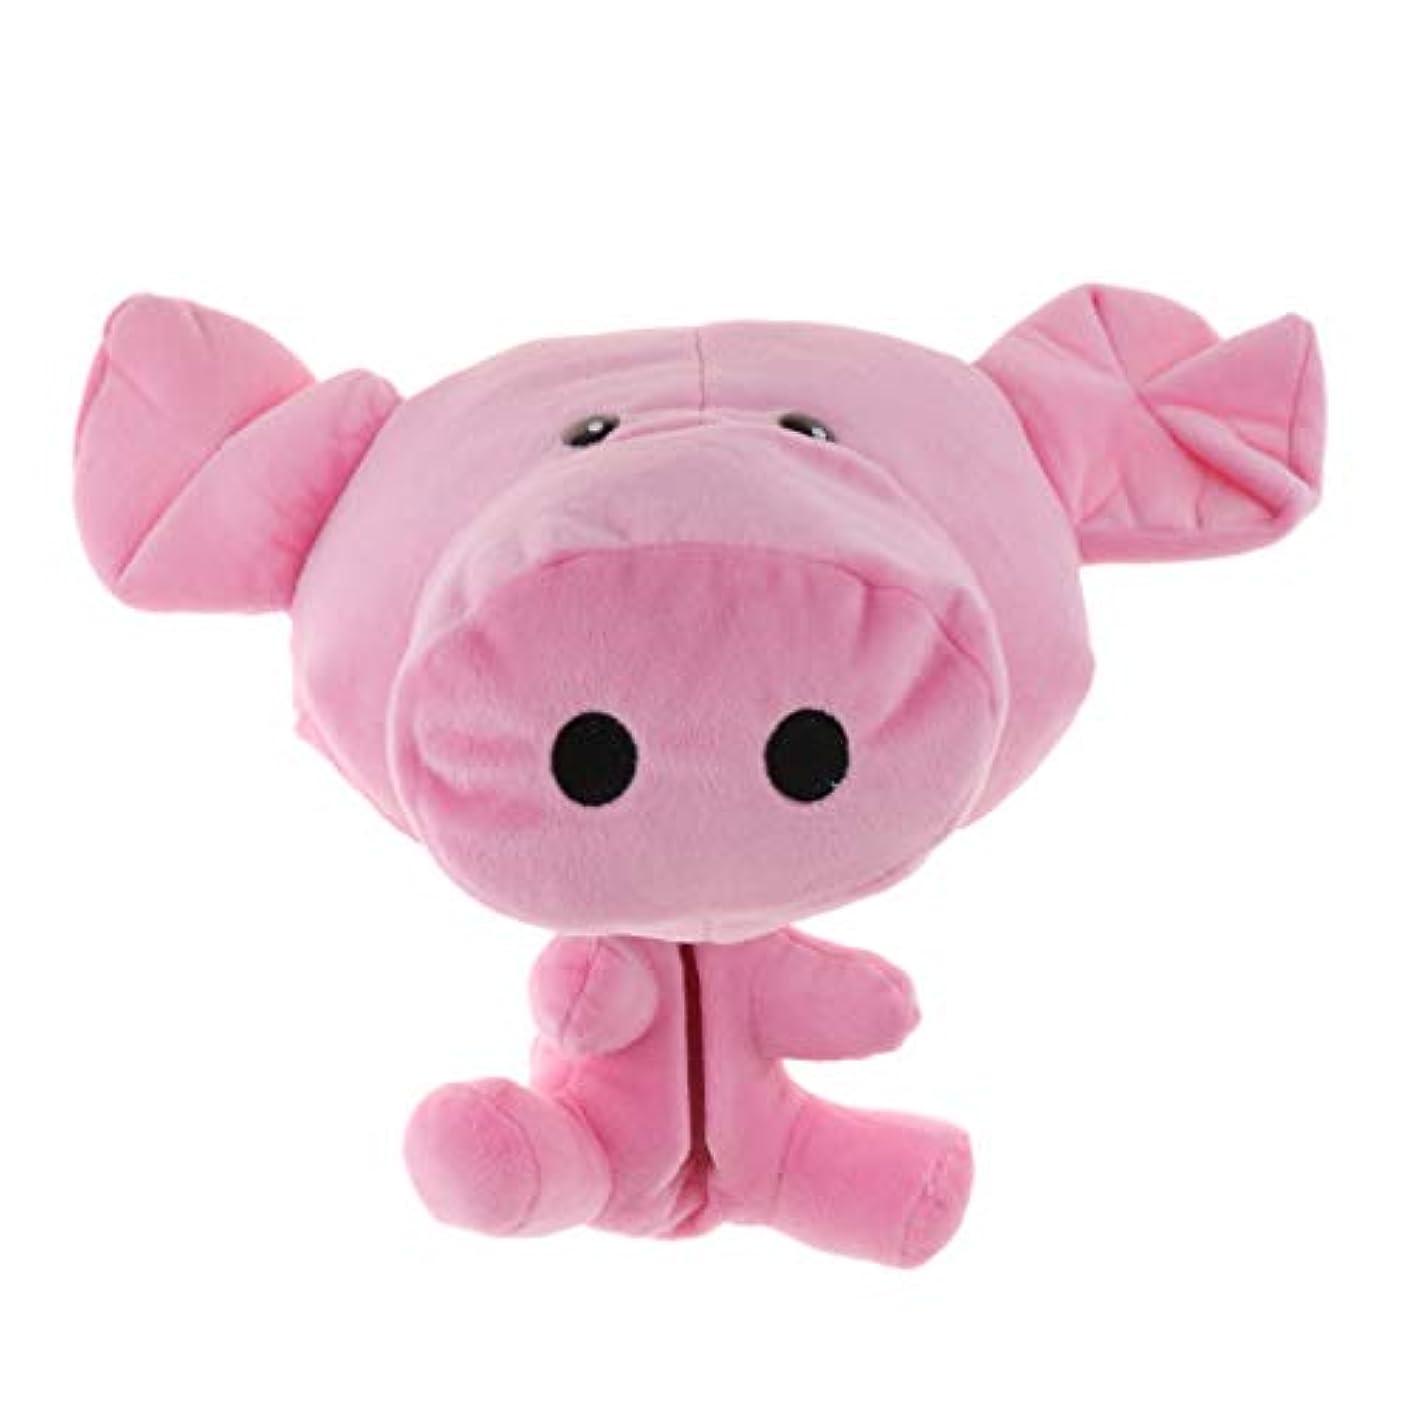 のみ扱いやすい踏み台ゴルフウッドカバー ヘッドカバー ドライバー用 クラブカバー 動物 ぬいぐるみ 豚 ピンク 可愛い